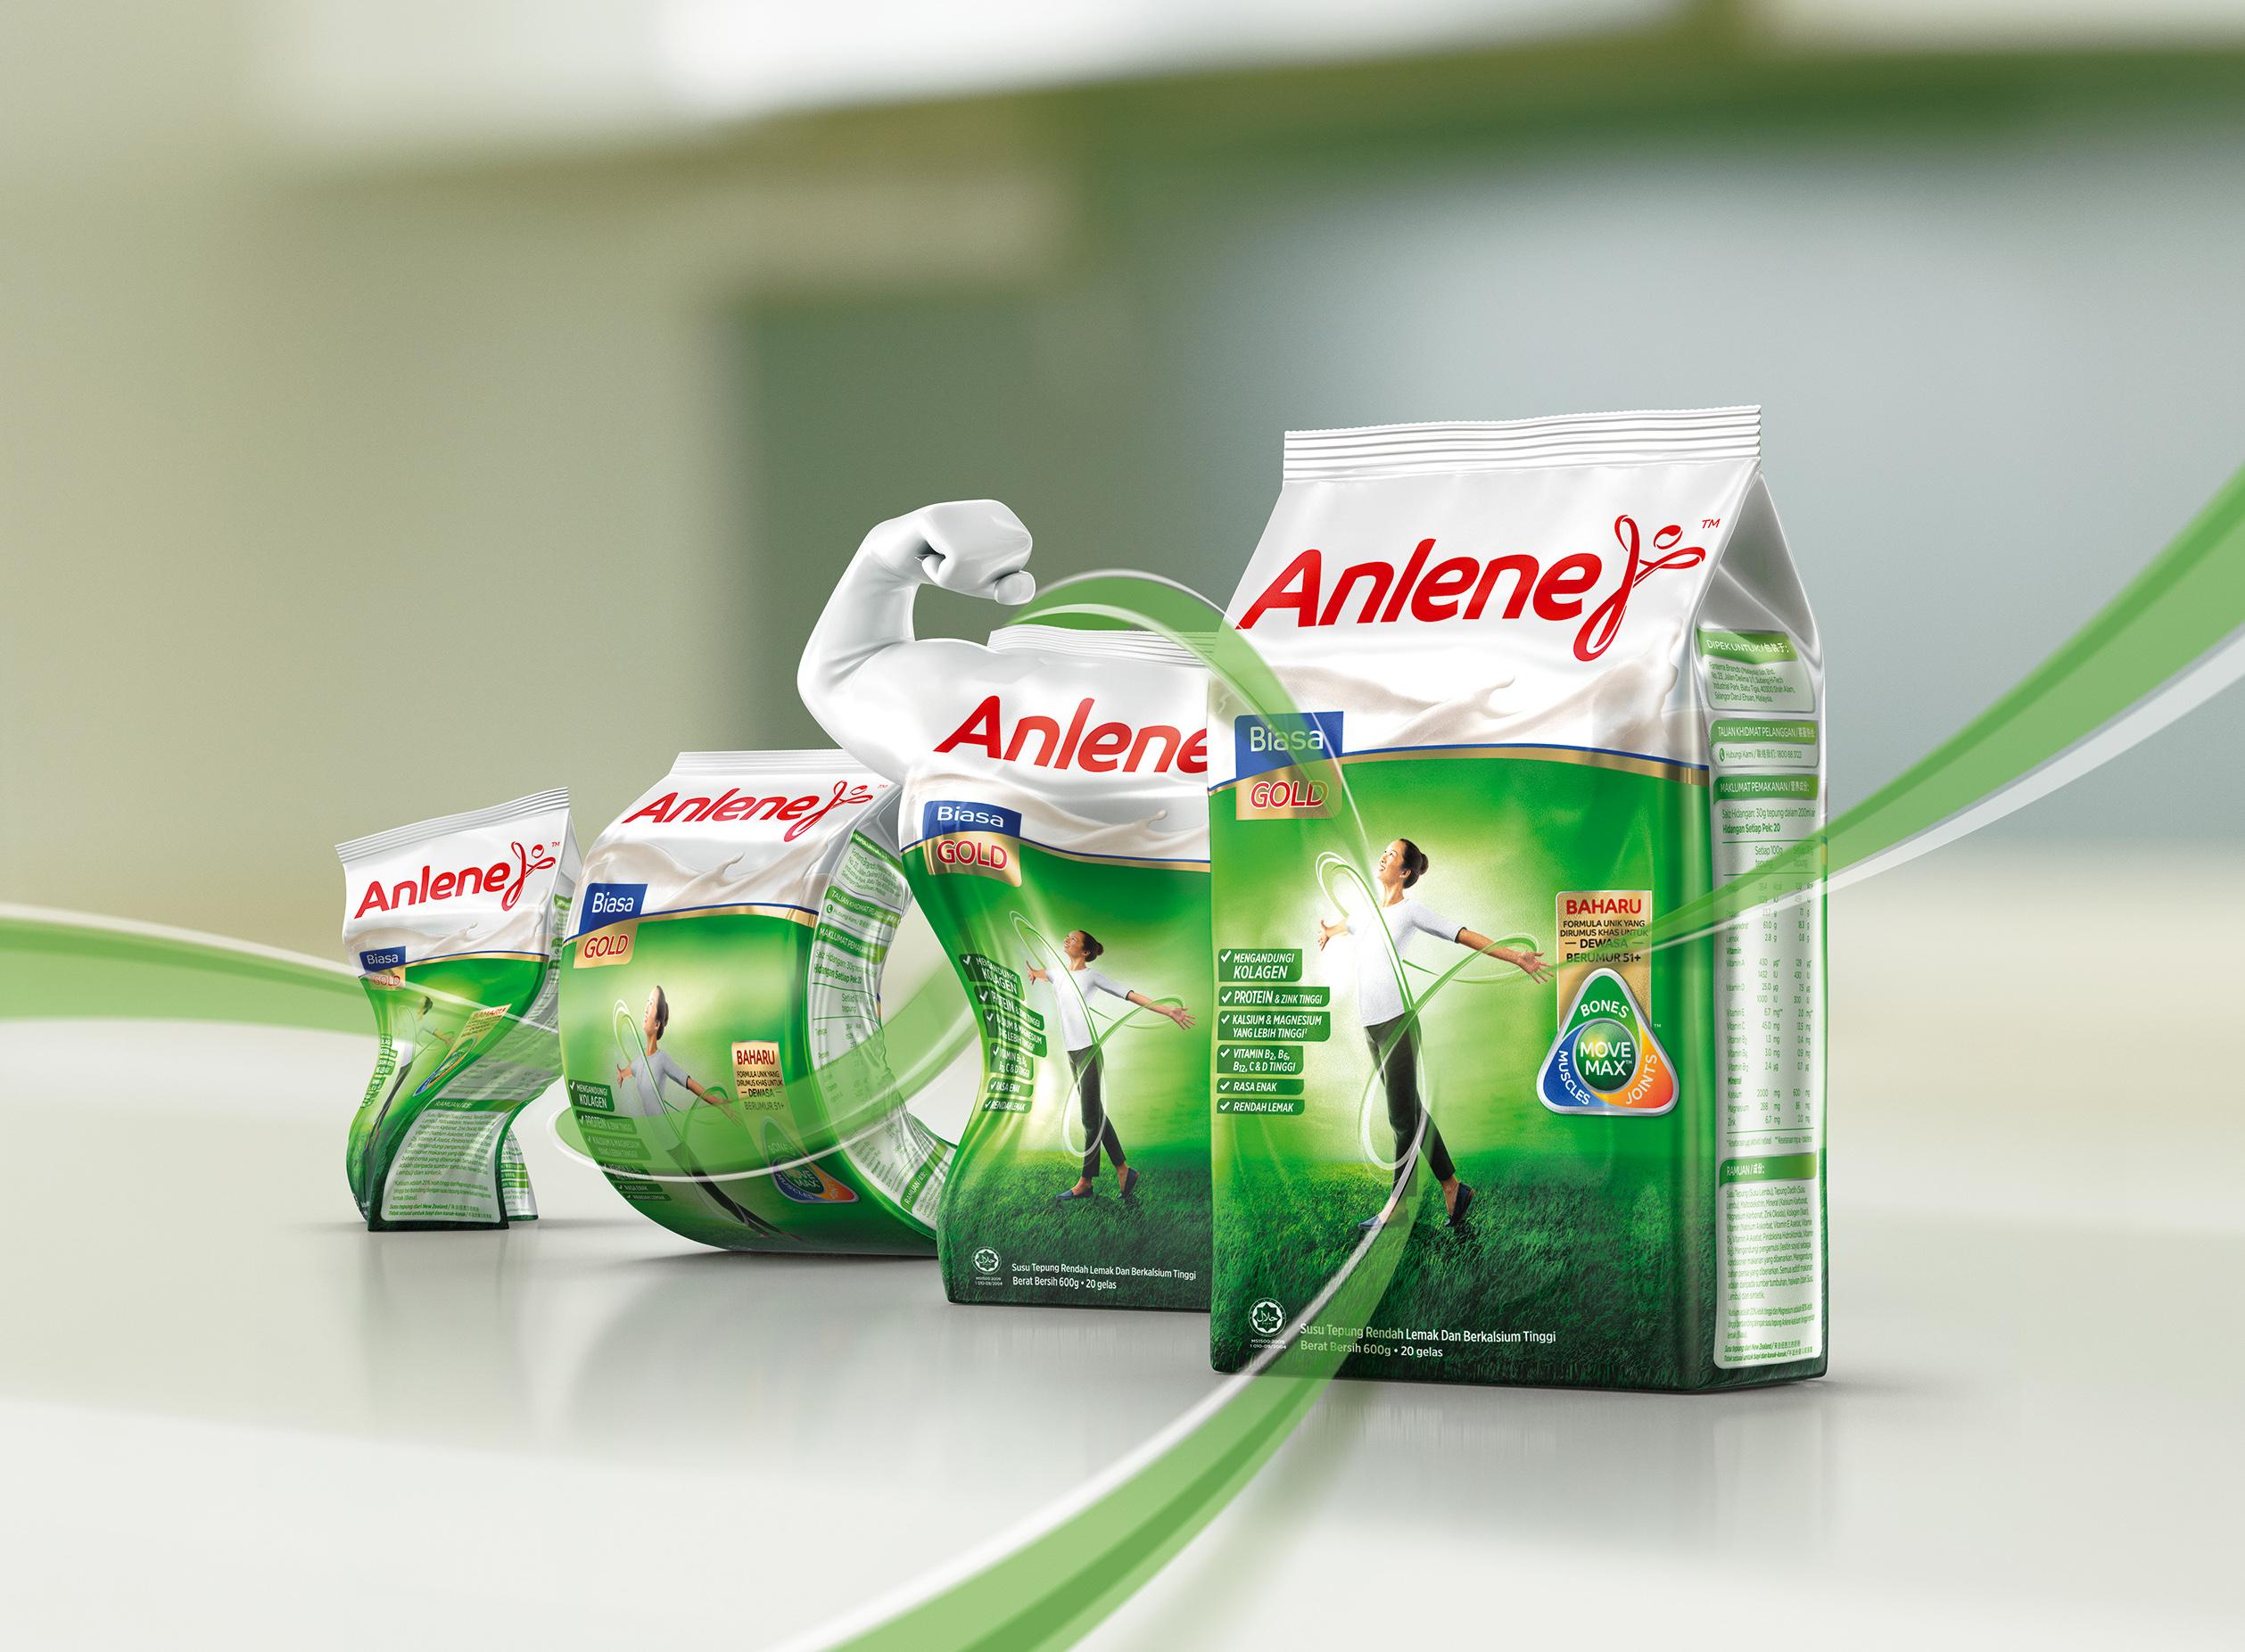 088 Anlene_Pack